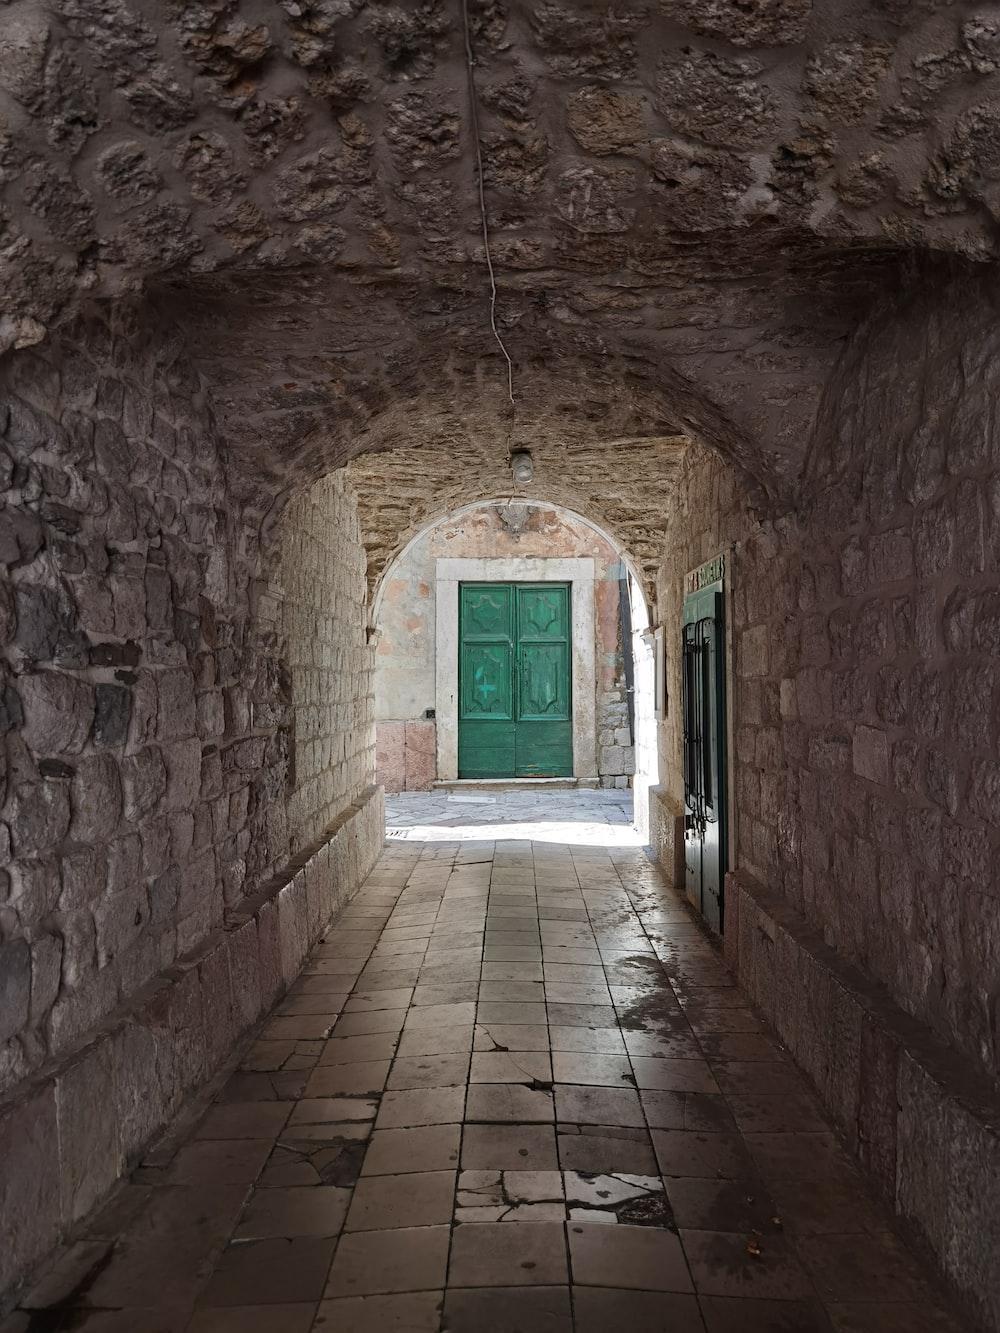 brown brick hallway with blue wooden door